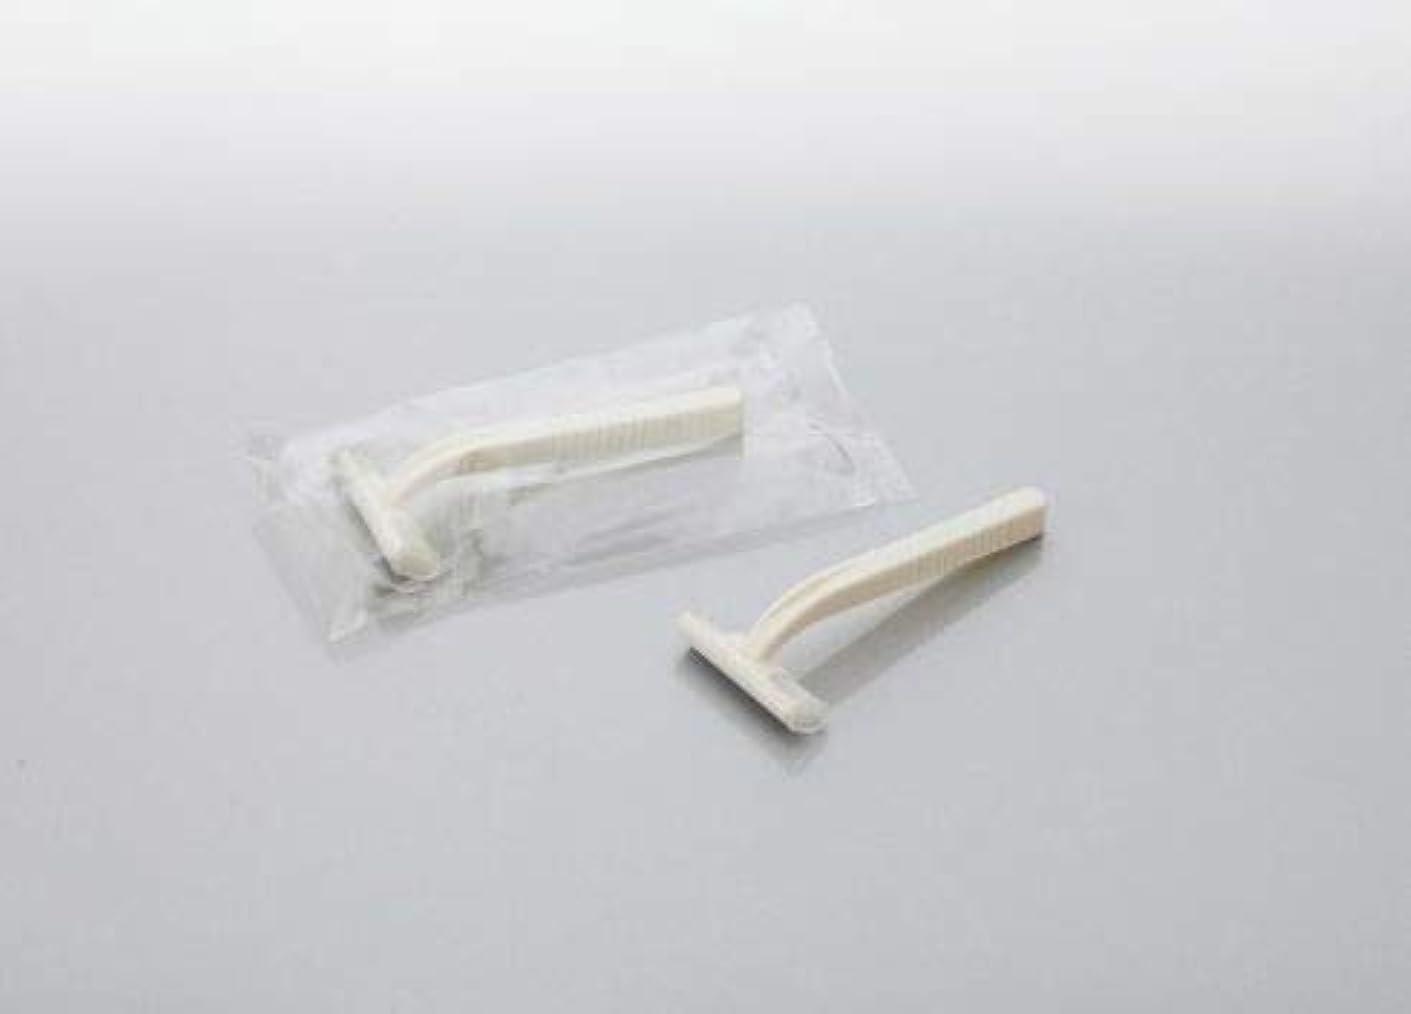 ターゲット堤防フォローカミソリ アメニティシーガル2 固定式2枚刃 1800本 透明OP袋入 daito